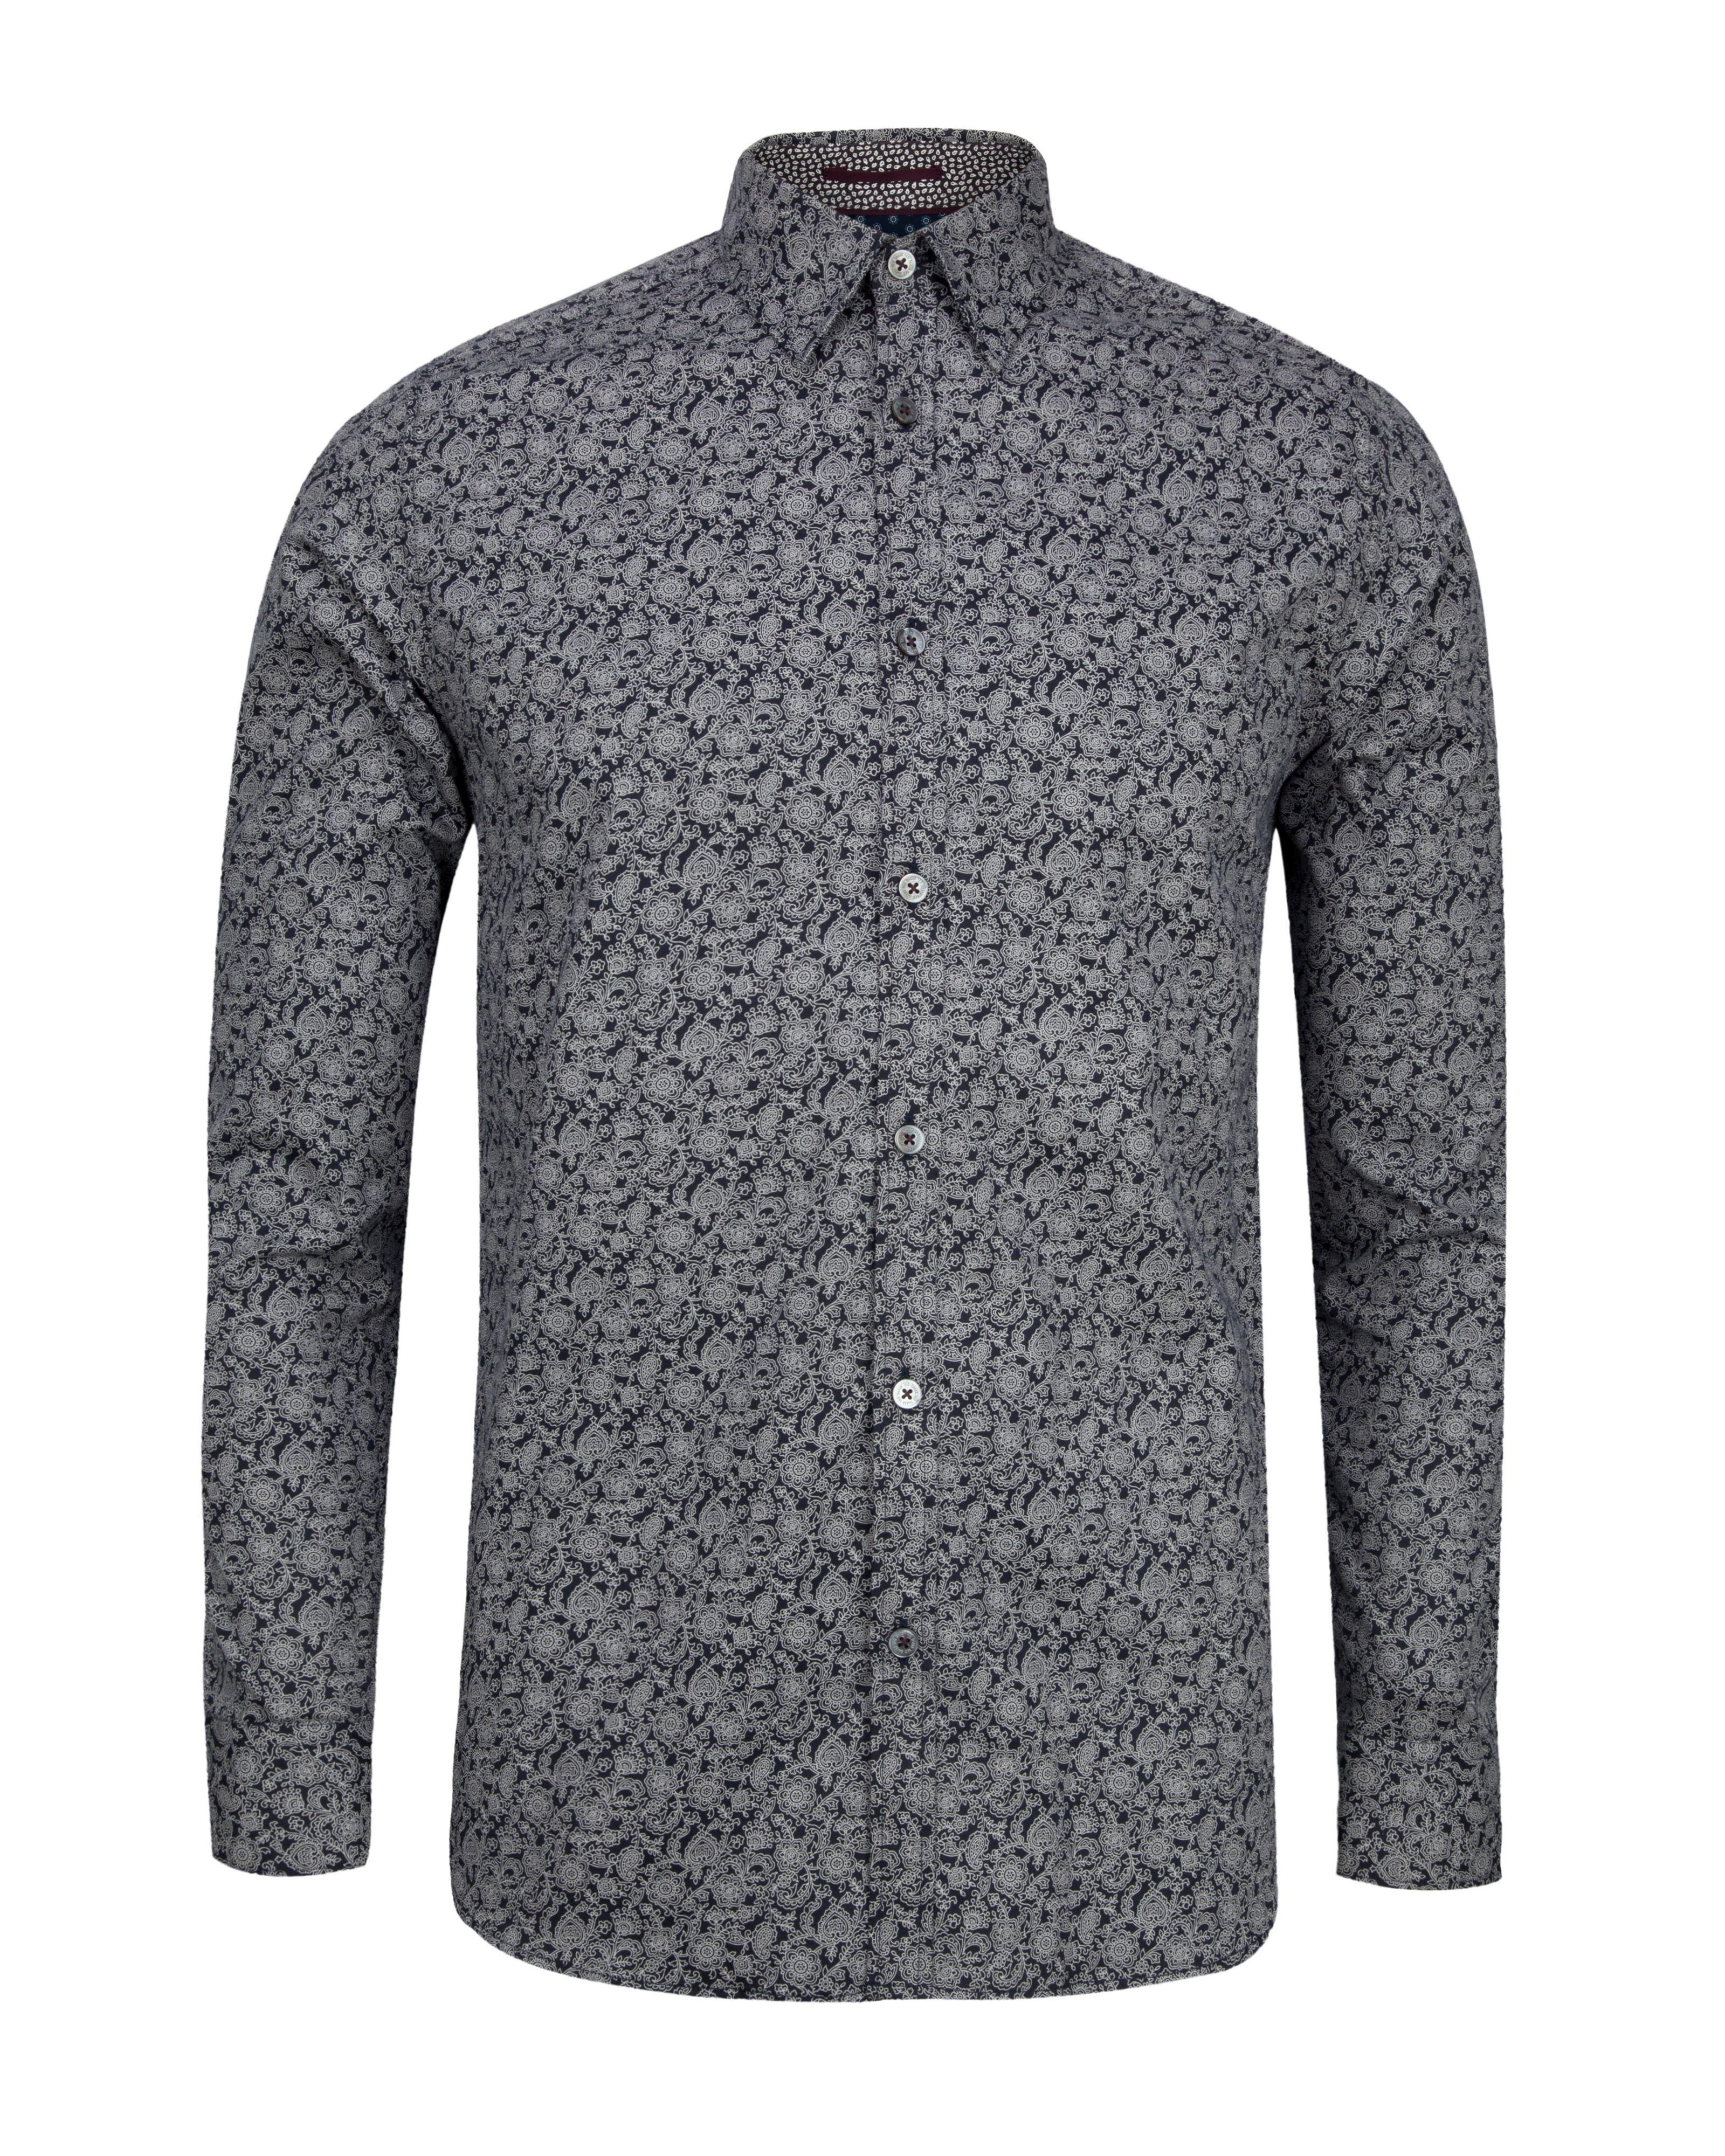 Ted baker floral print shirt in black for men lyst for Ted baker floral print shirt